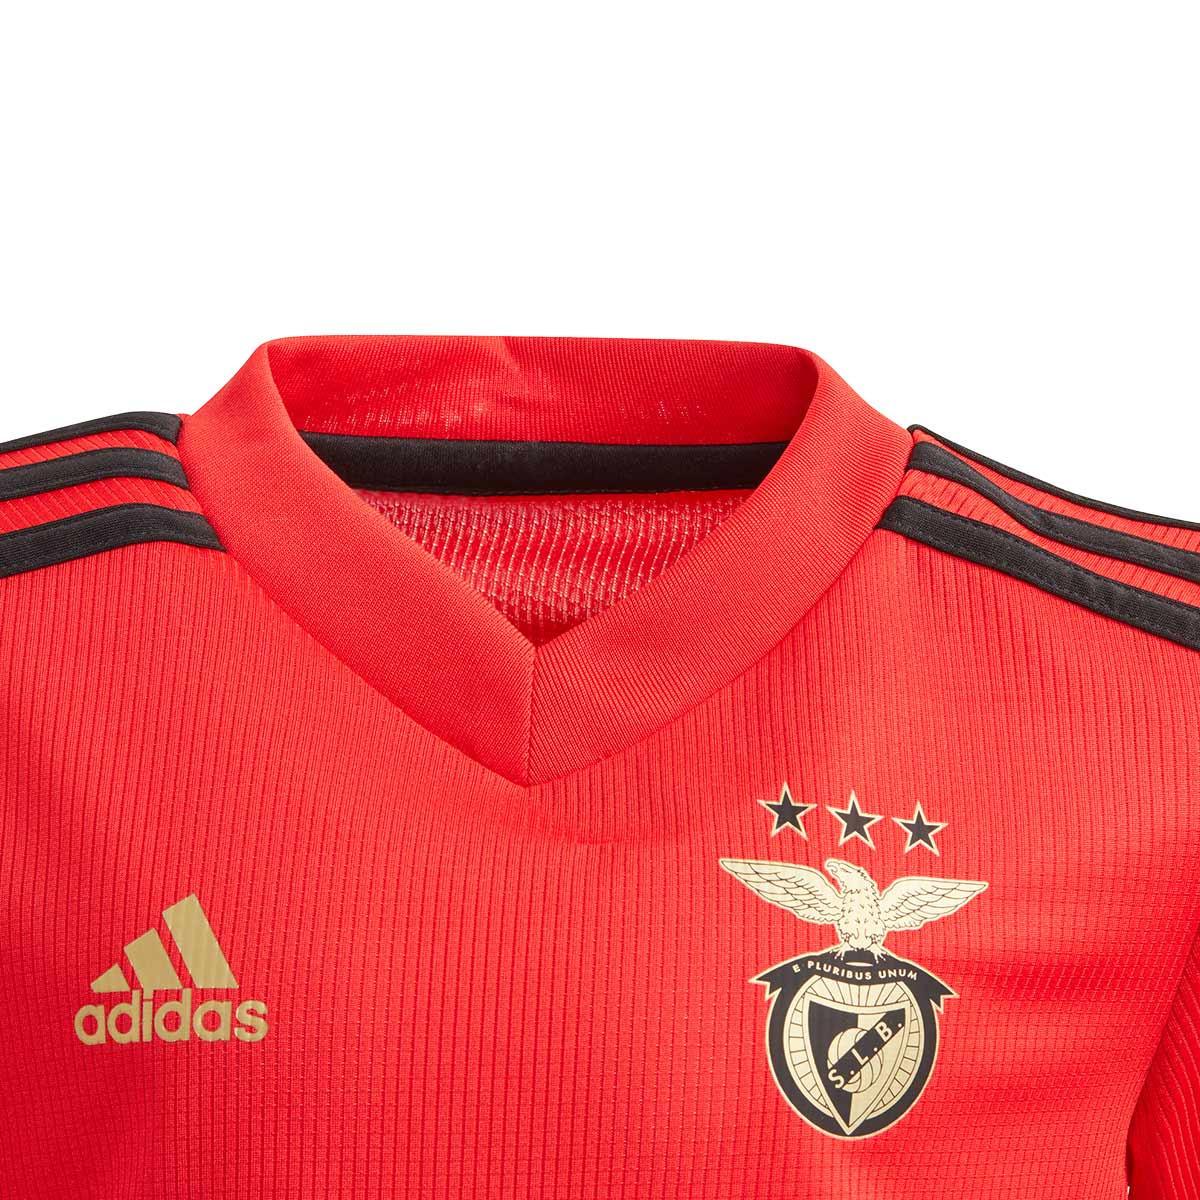 tono Mínimo maldición  Conjunto adidas SL Benfica Primera Equipación 2020-2021 Niño Benfica  red-Matte gold-Black-White - Tienda de fútbol Fútbol Emotion